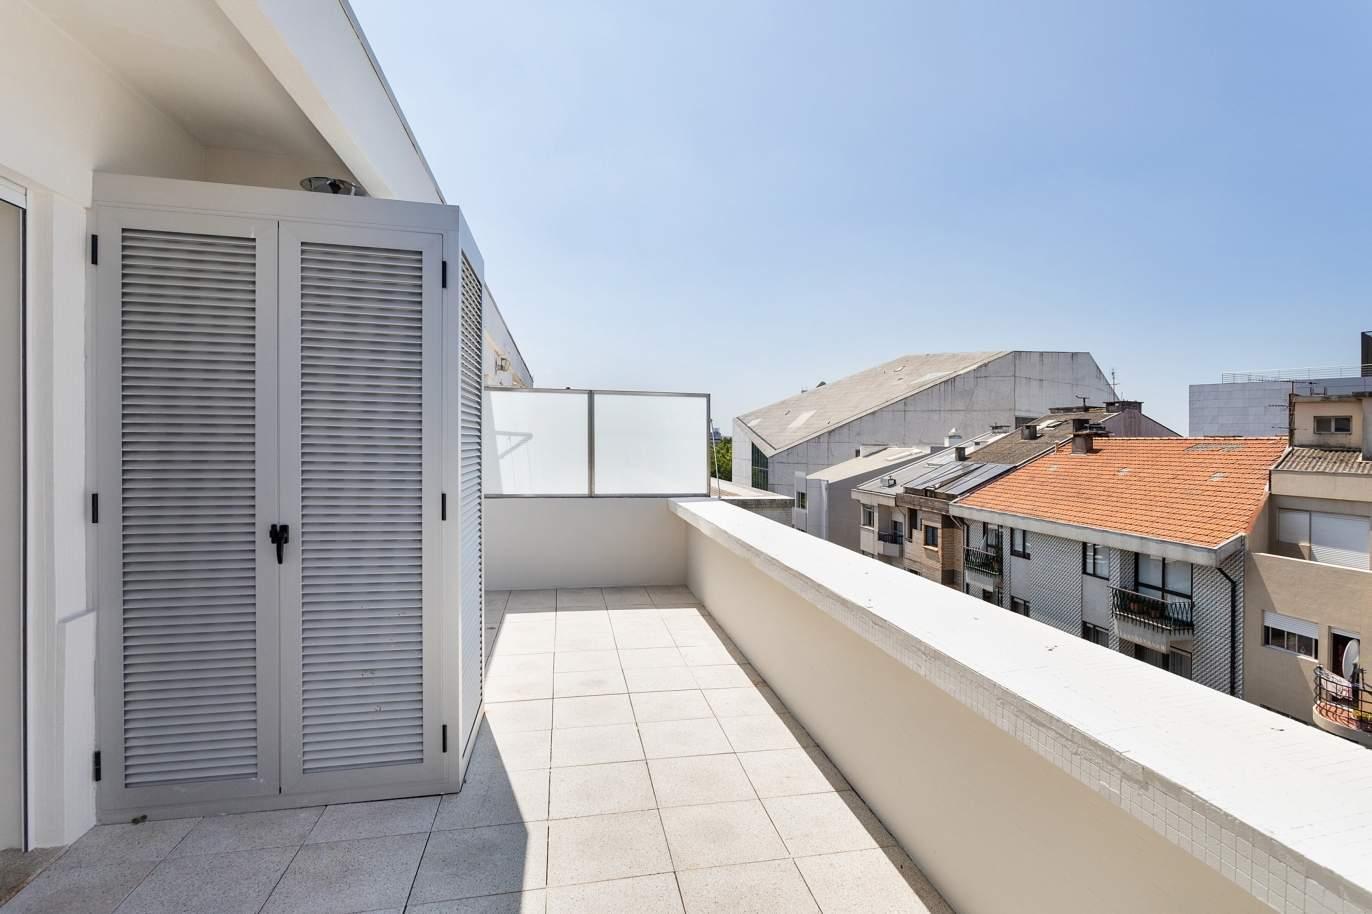 apartamento-com-varanda-e-terraco-para-venda-na-boavista